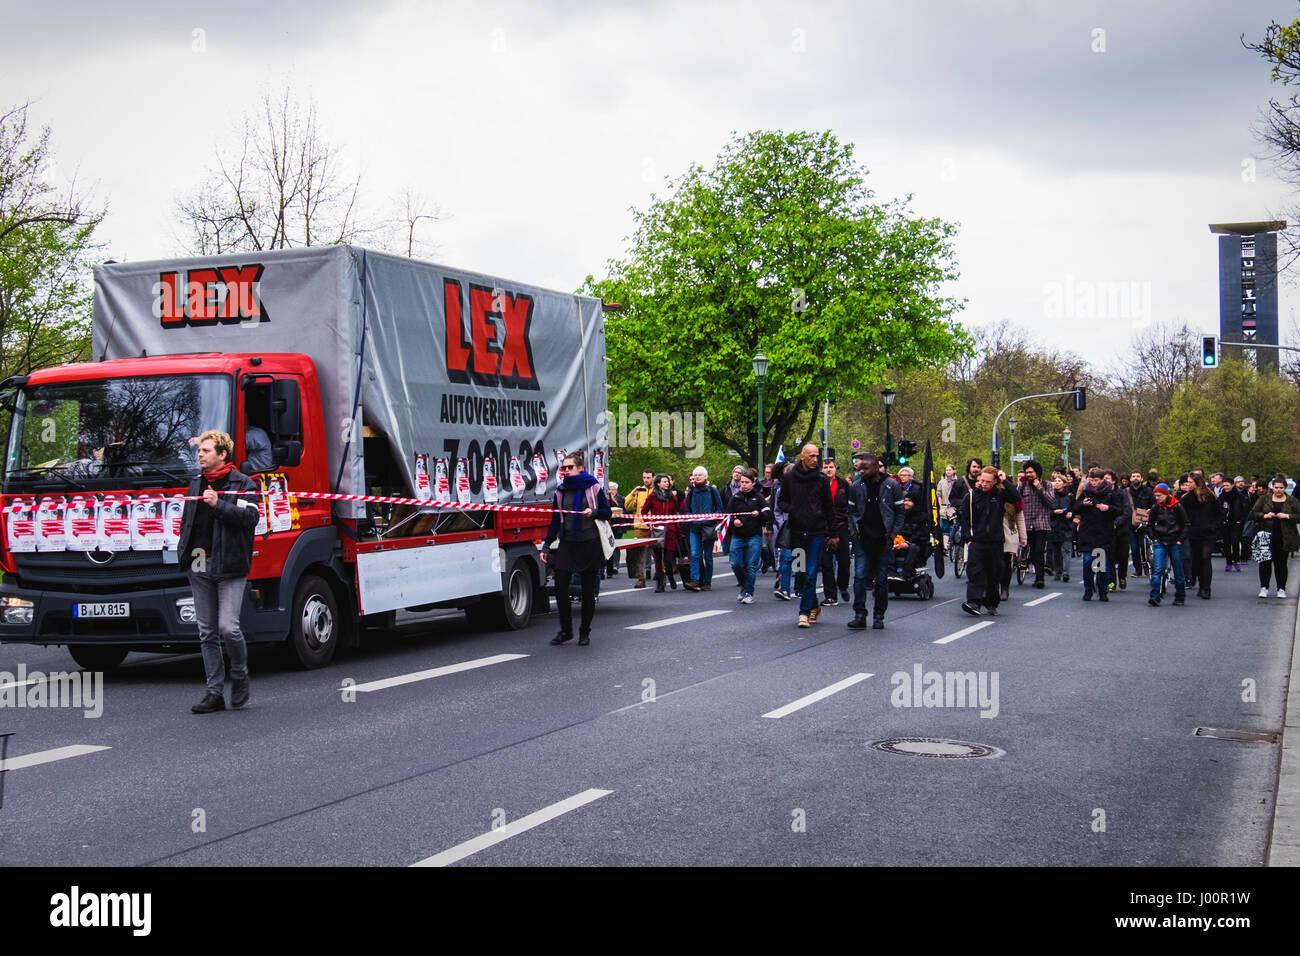 Germania, Berlino, Mitte. Dal 8 aprile 2017. International Roma giorno rally a Berlino. Le persone si sono riuniti Immagini Stock